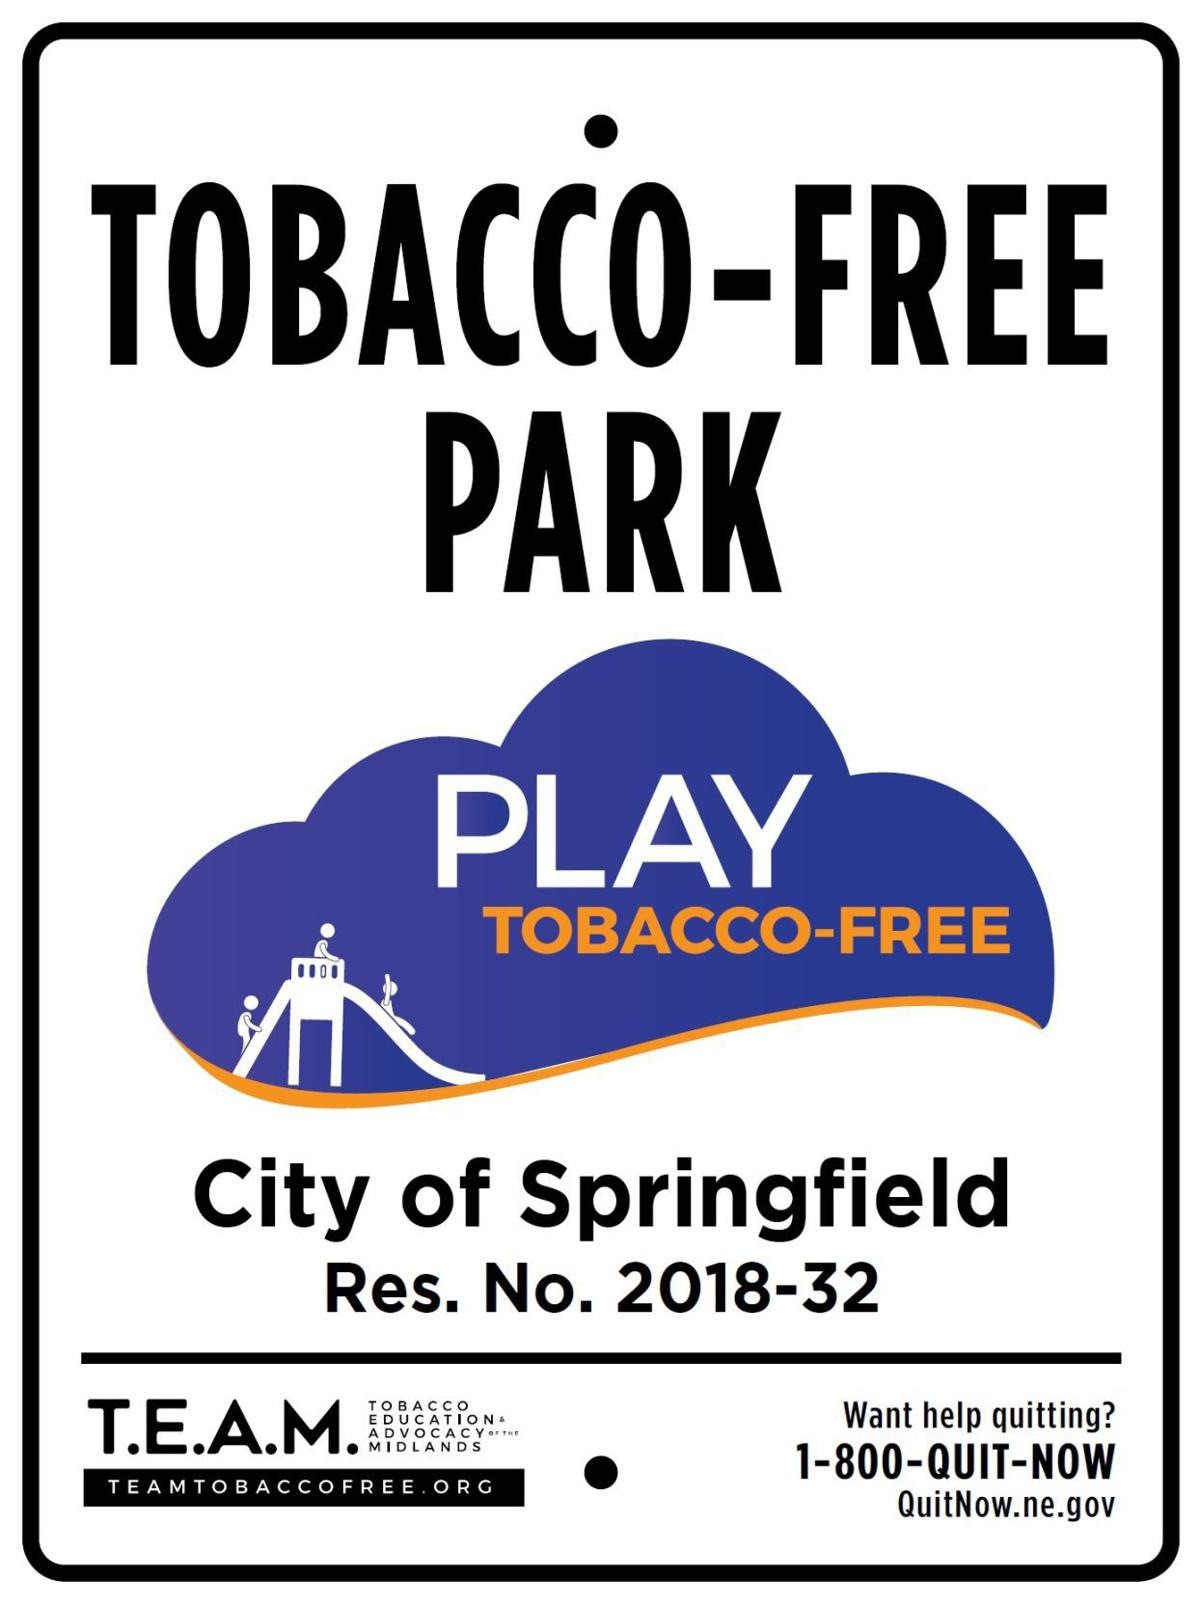 Springfield smoke-free